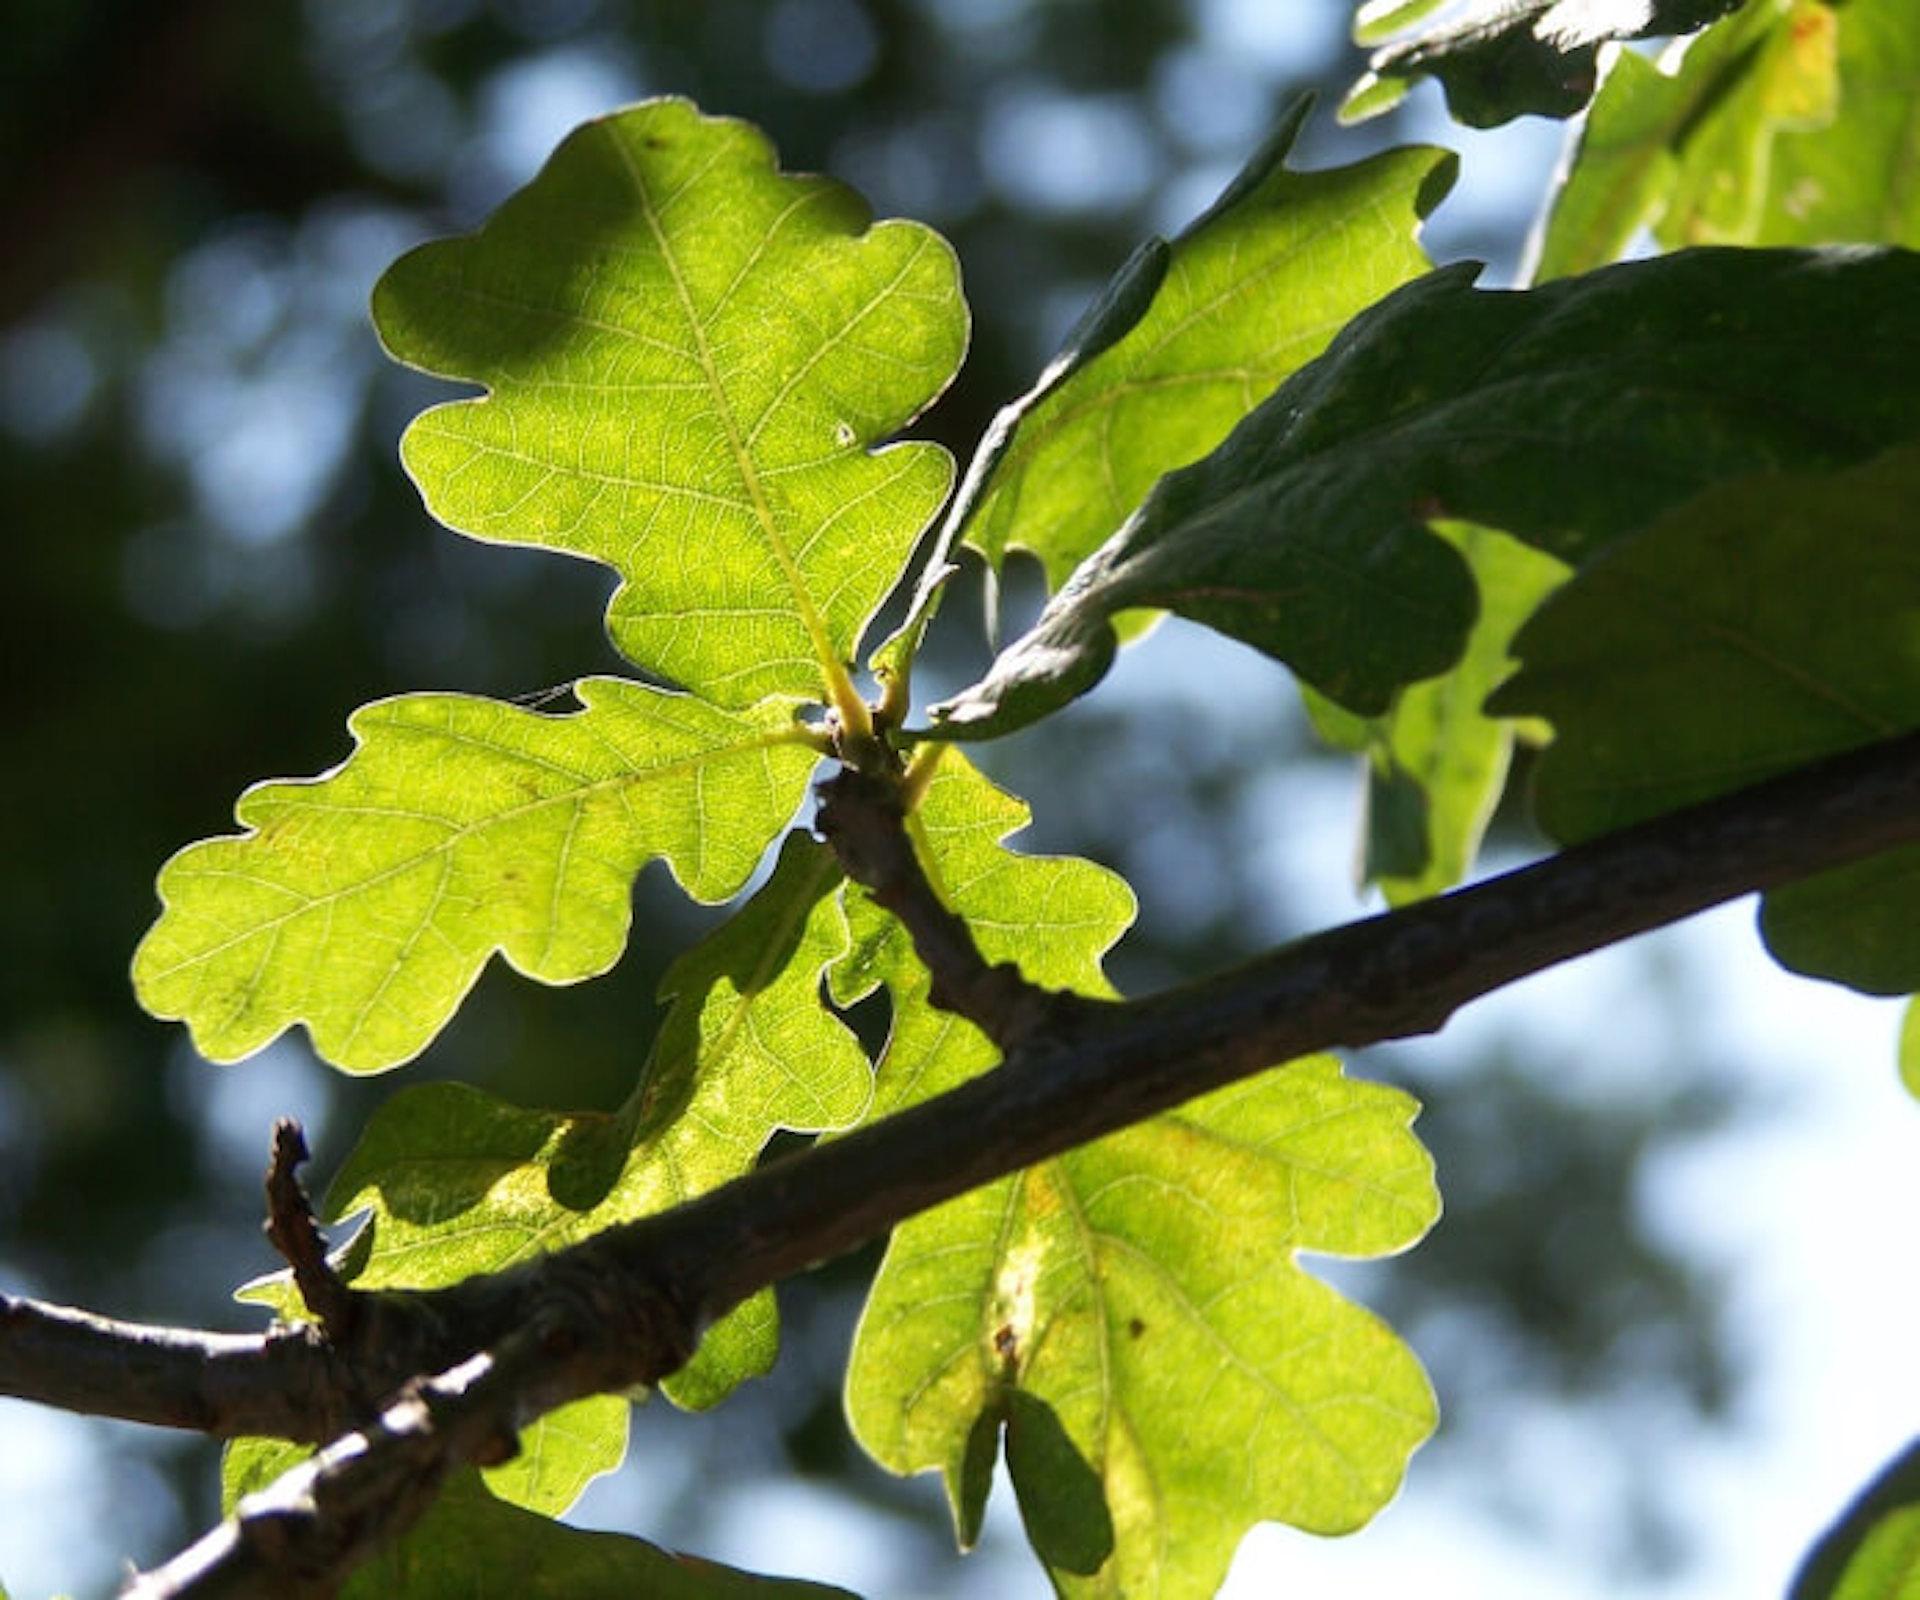 1.Quercus_robur_leaves2